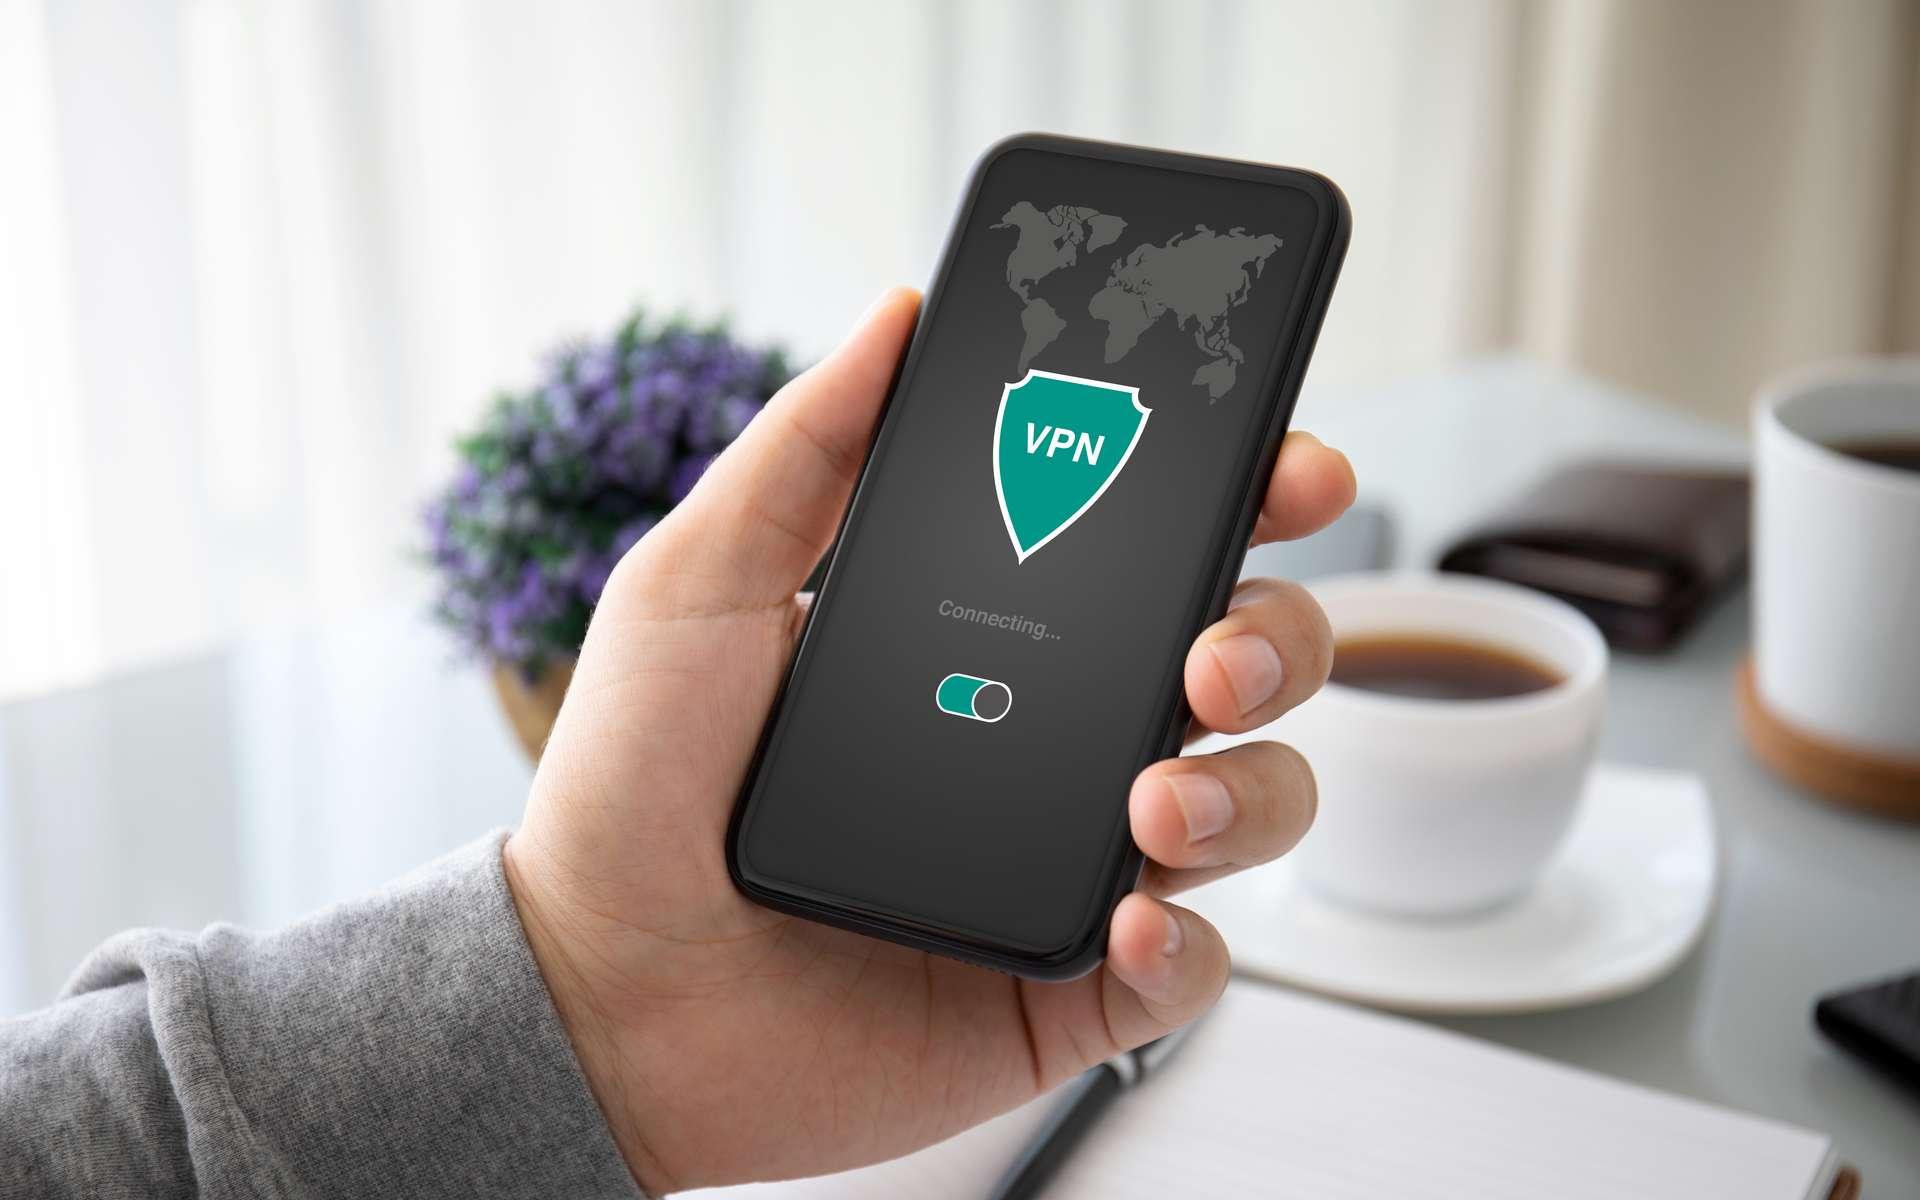 Pourquoi faut-il utiliser un VPN sur un smartphone ? - Futura